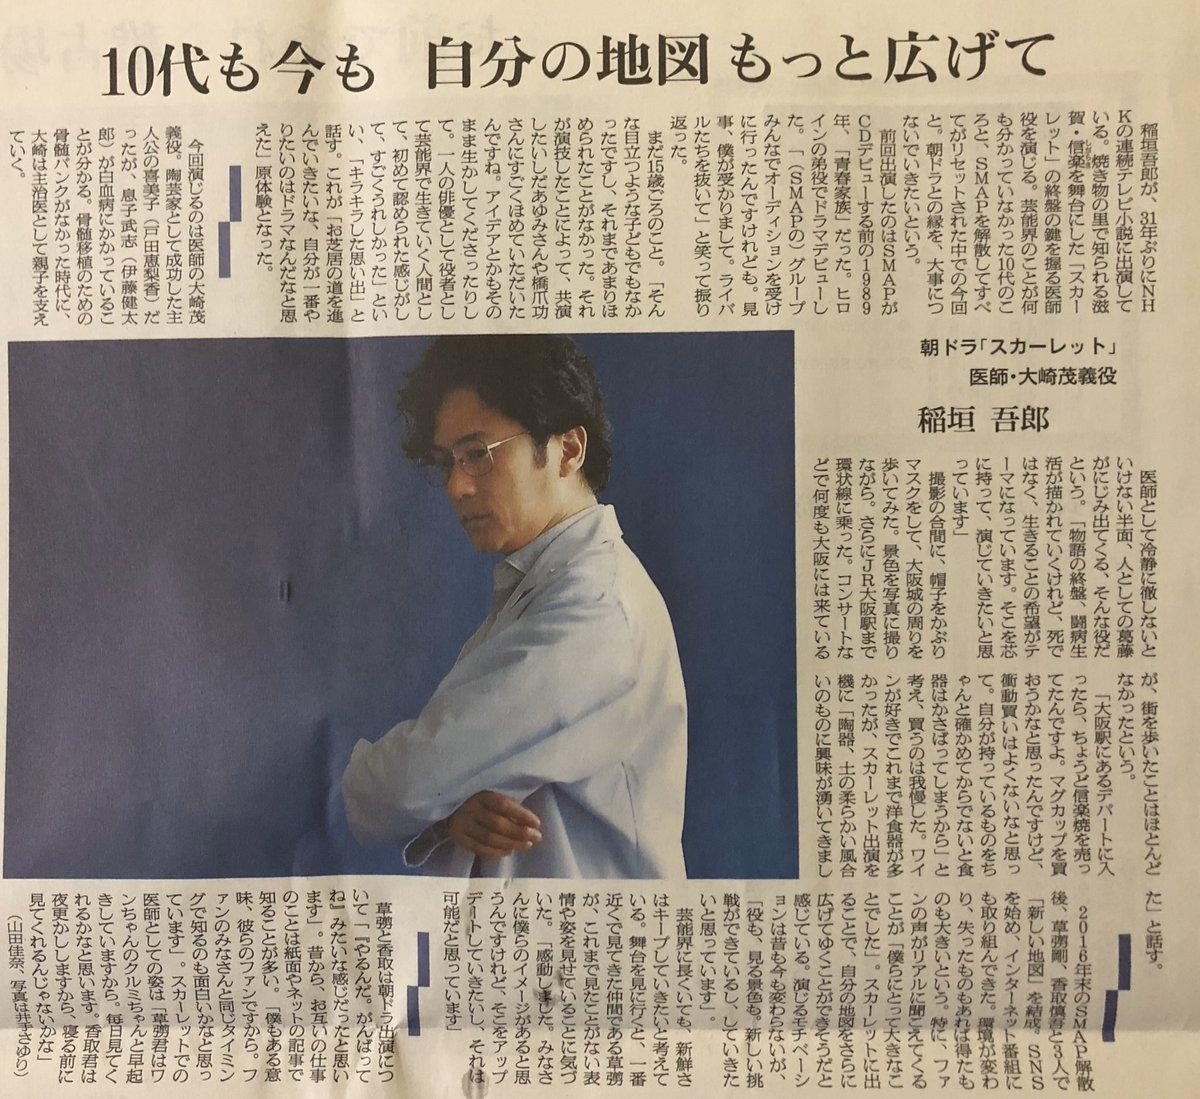 """Red on Twitter: """"あら!ゴロさん! 今日の朝日新聞夕刊に! #こっそり ..."""